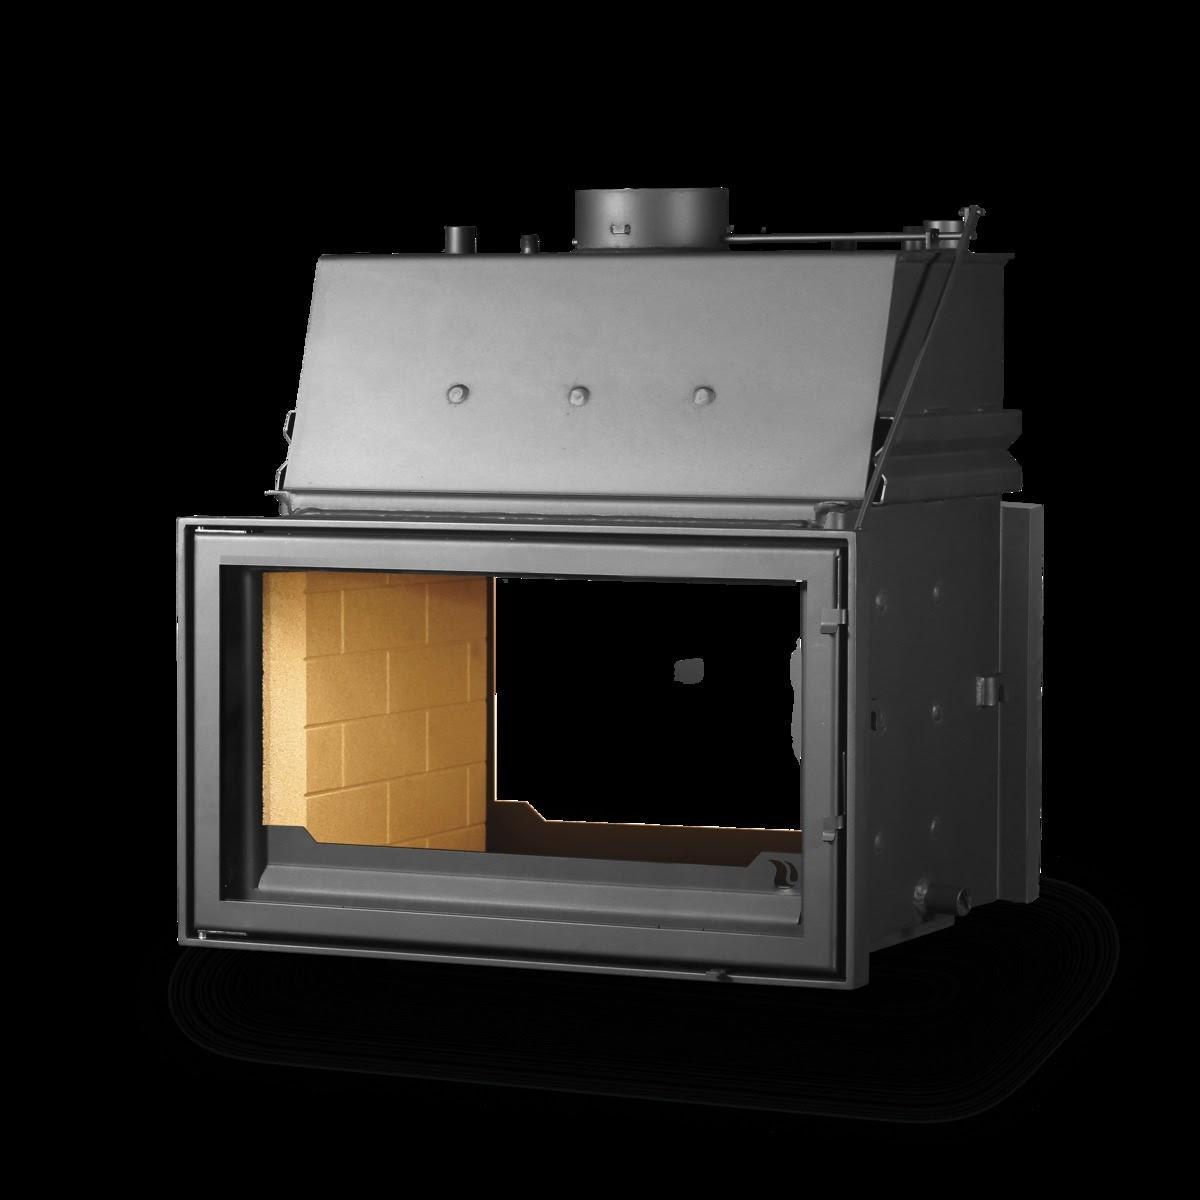 PANAQUA 110 DVOSTRANI lateral dim. 1100x550 promjer dimovodne cijevi: fi200